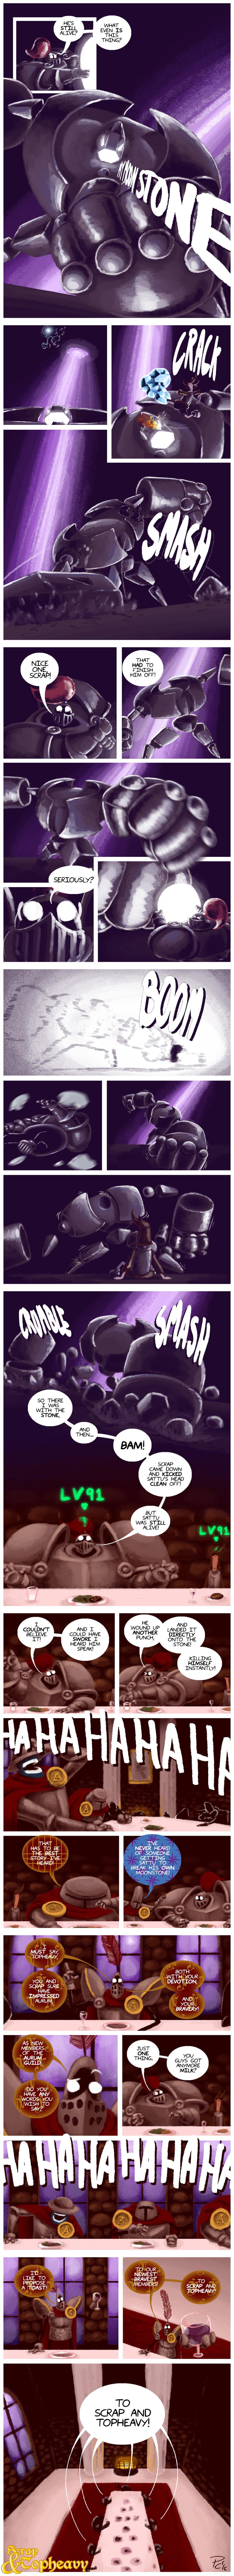 Comic41.jpg